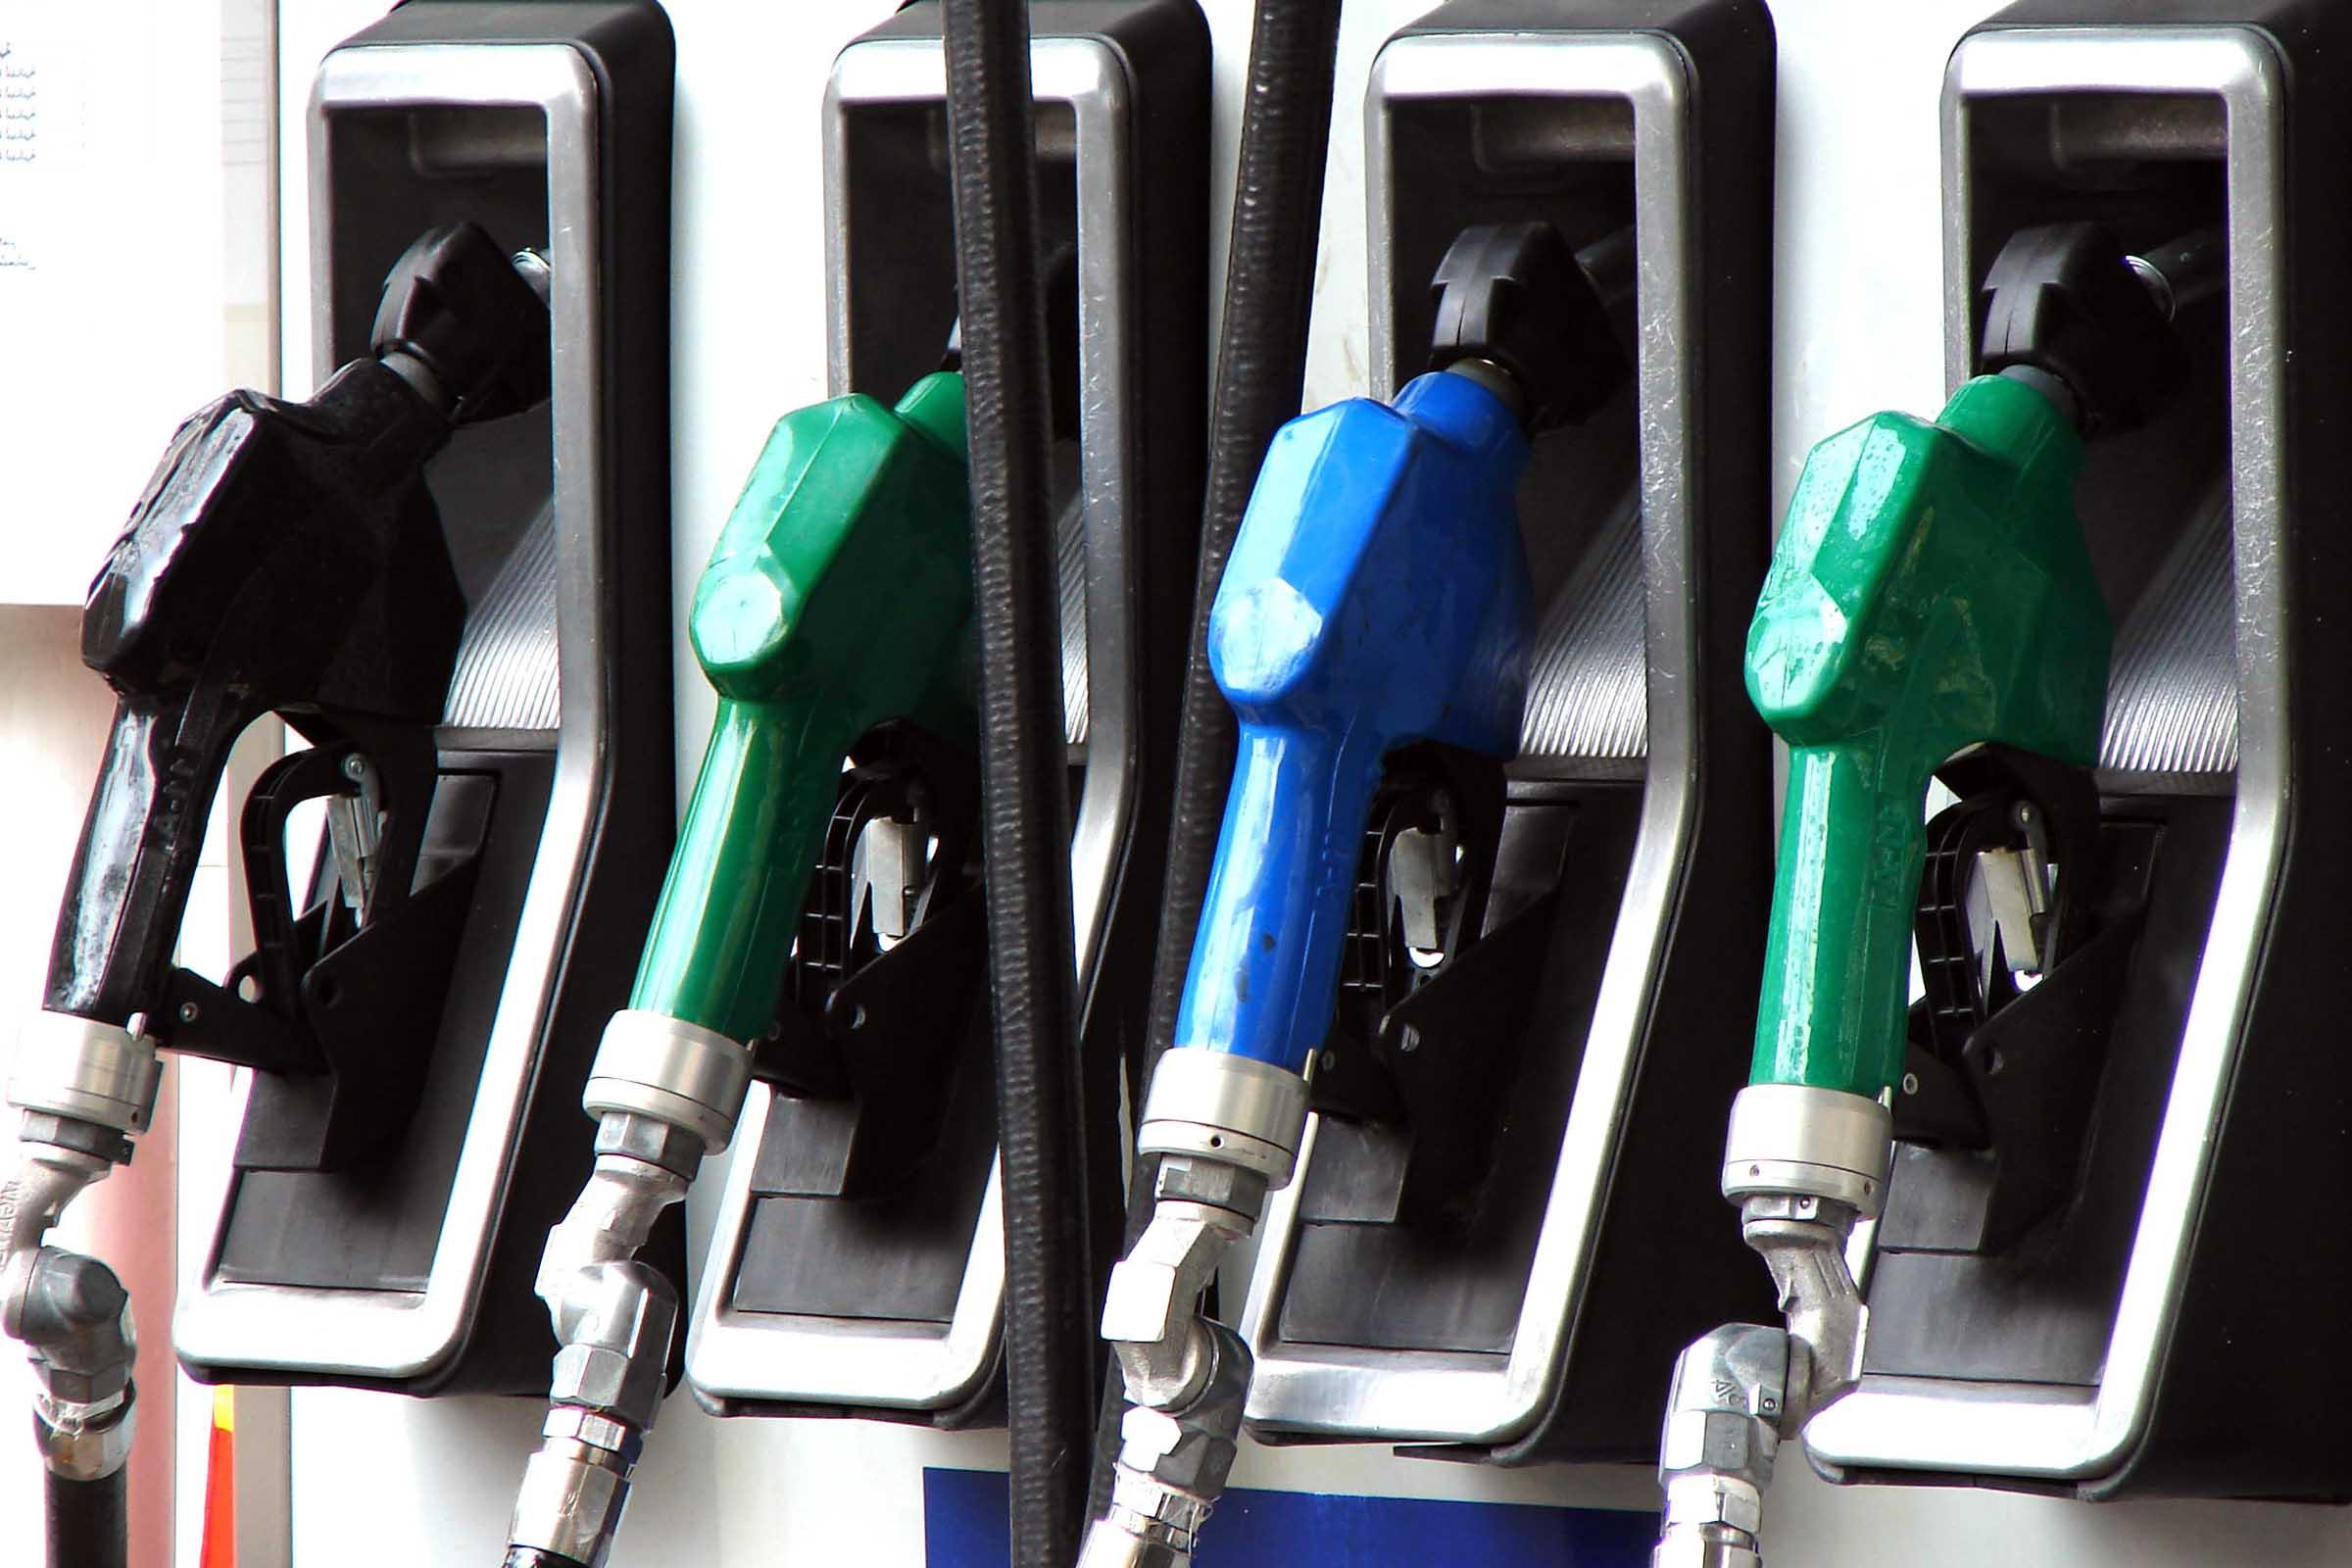 Posto de Combustível deverá instalar Medidor de Volume